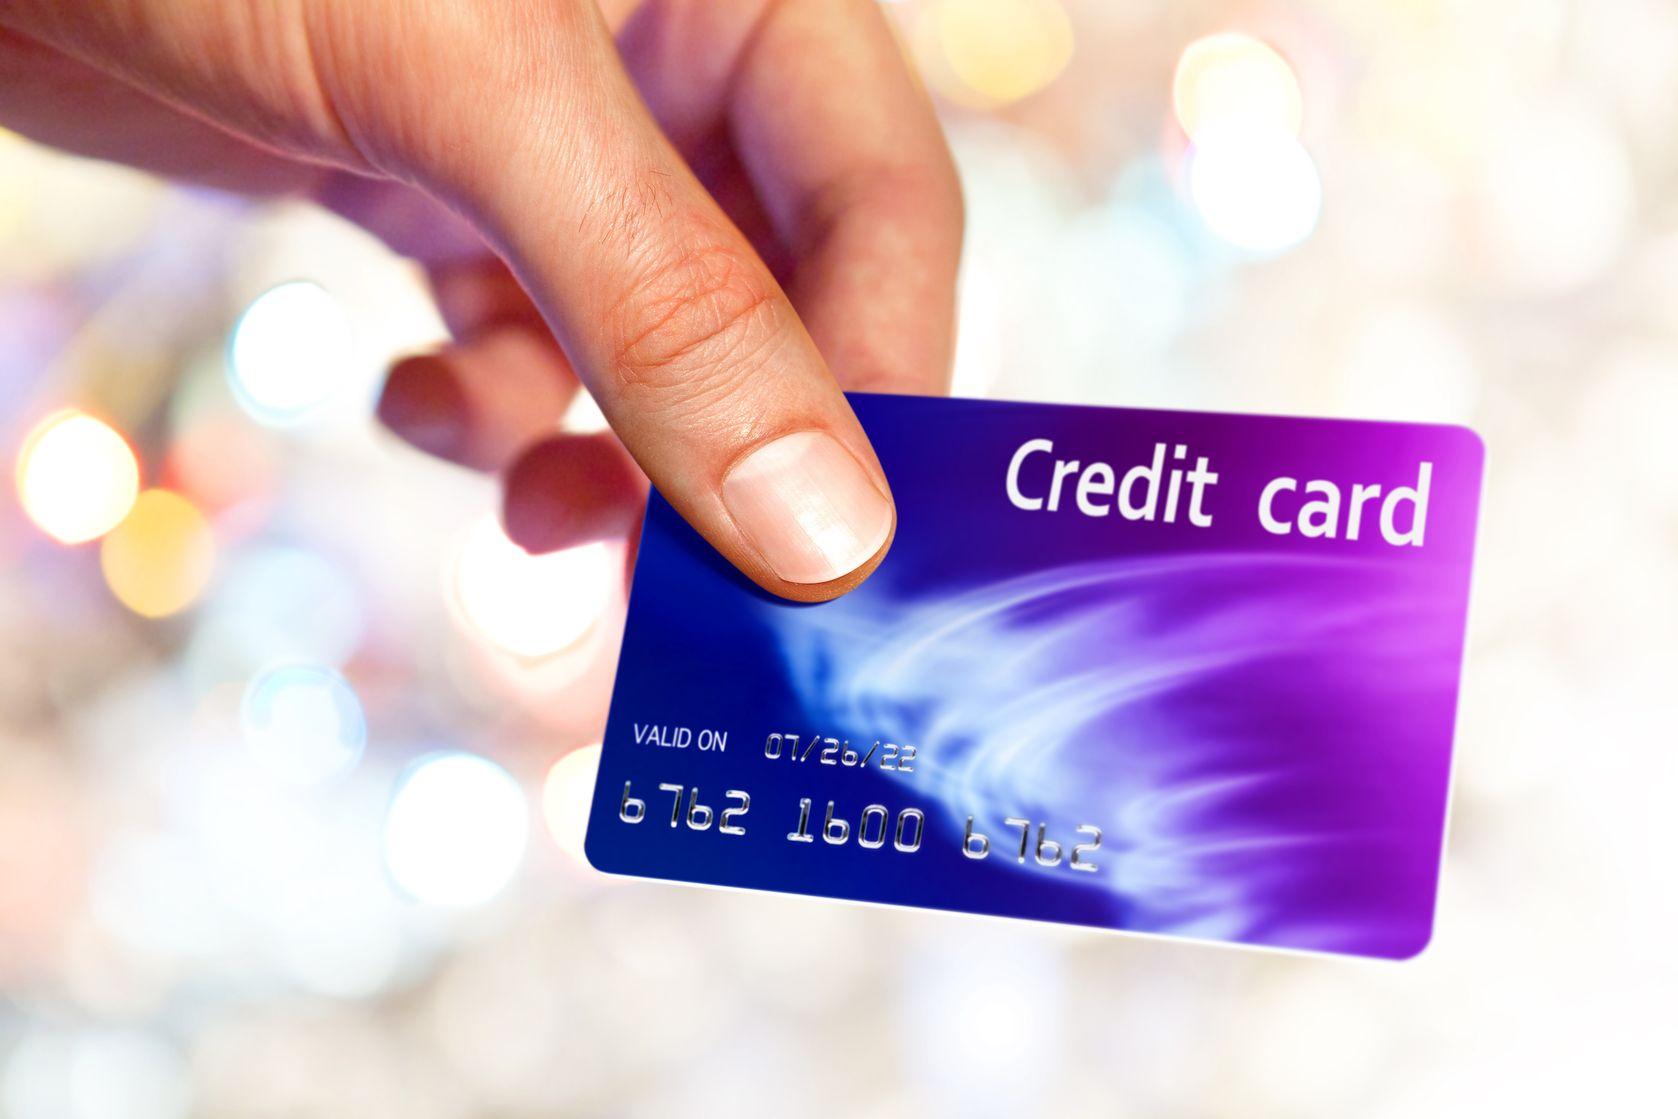 Задолженность по кредитной карте: жизненная история о выплате